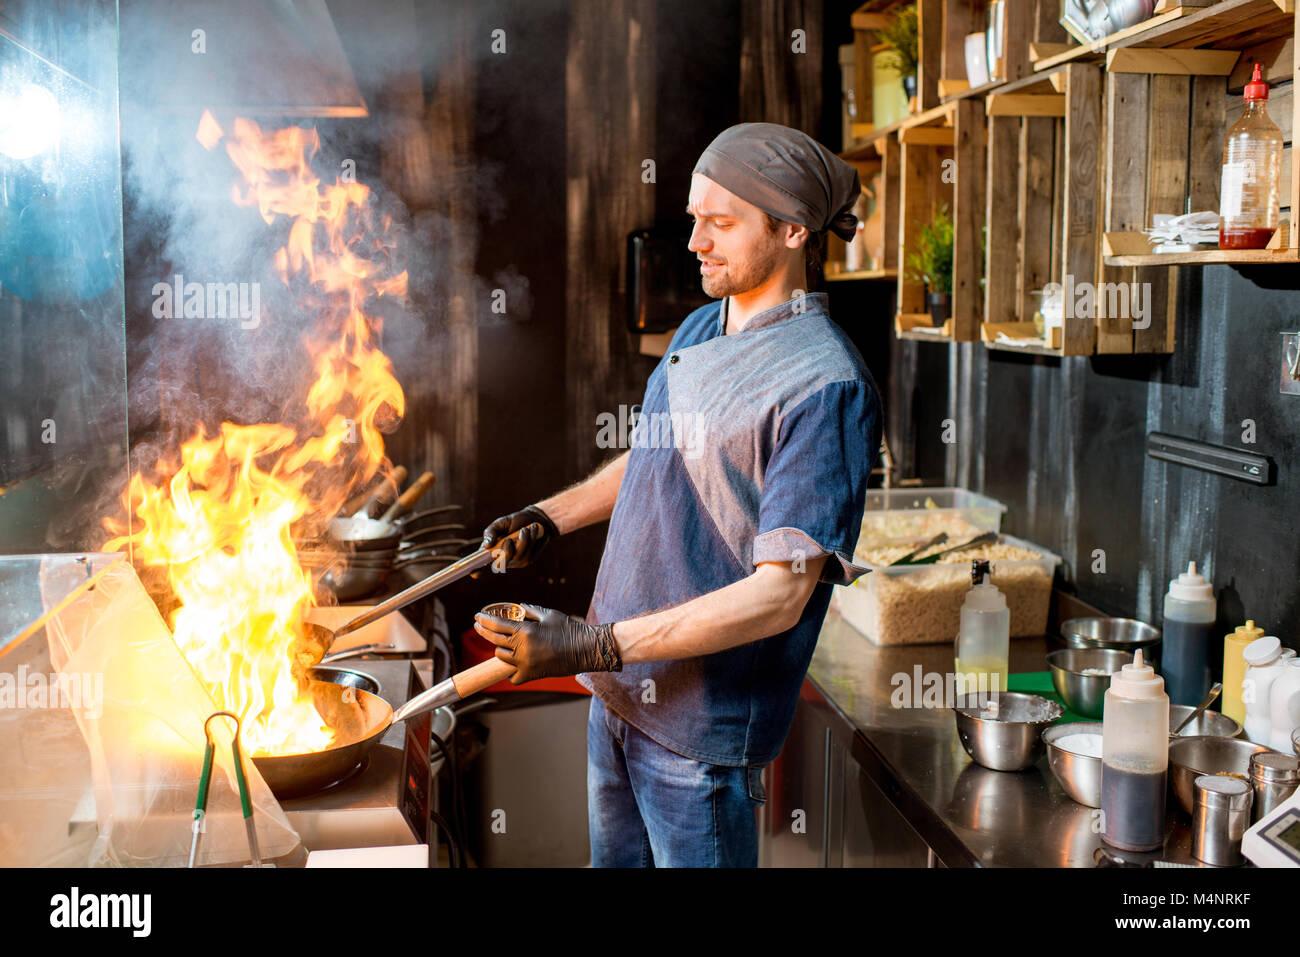 Cocinero jefe de cocina en la cocina asiática Imagen De Stock